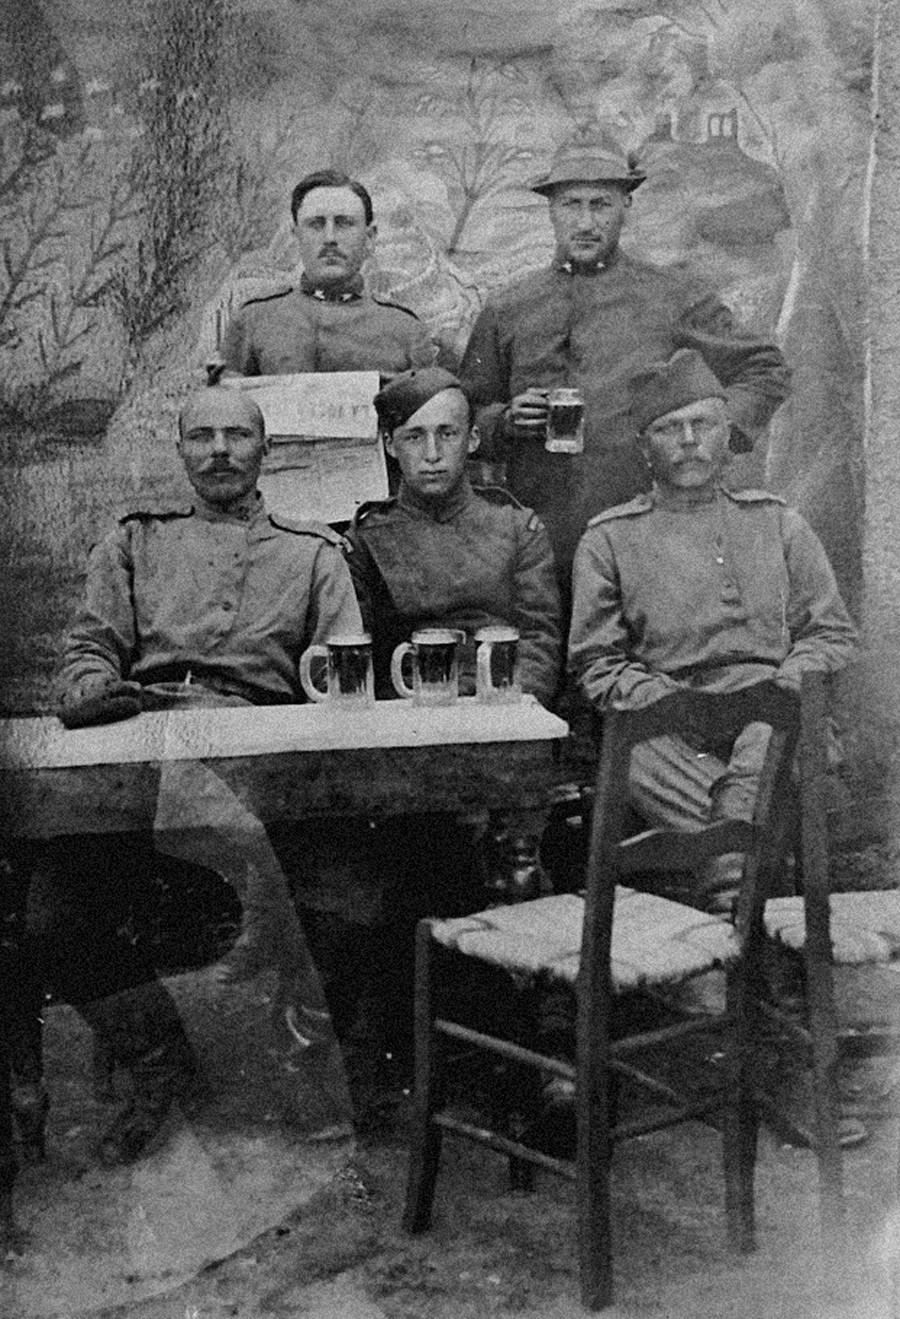 ロシア、フランス、アメリカ、イタリア、セルビアの軍人がビールを飲む(1910年~1913年)